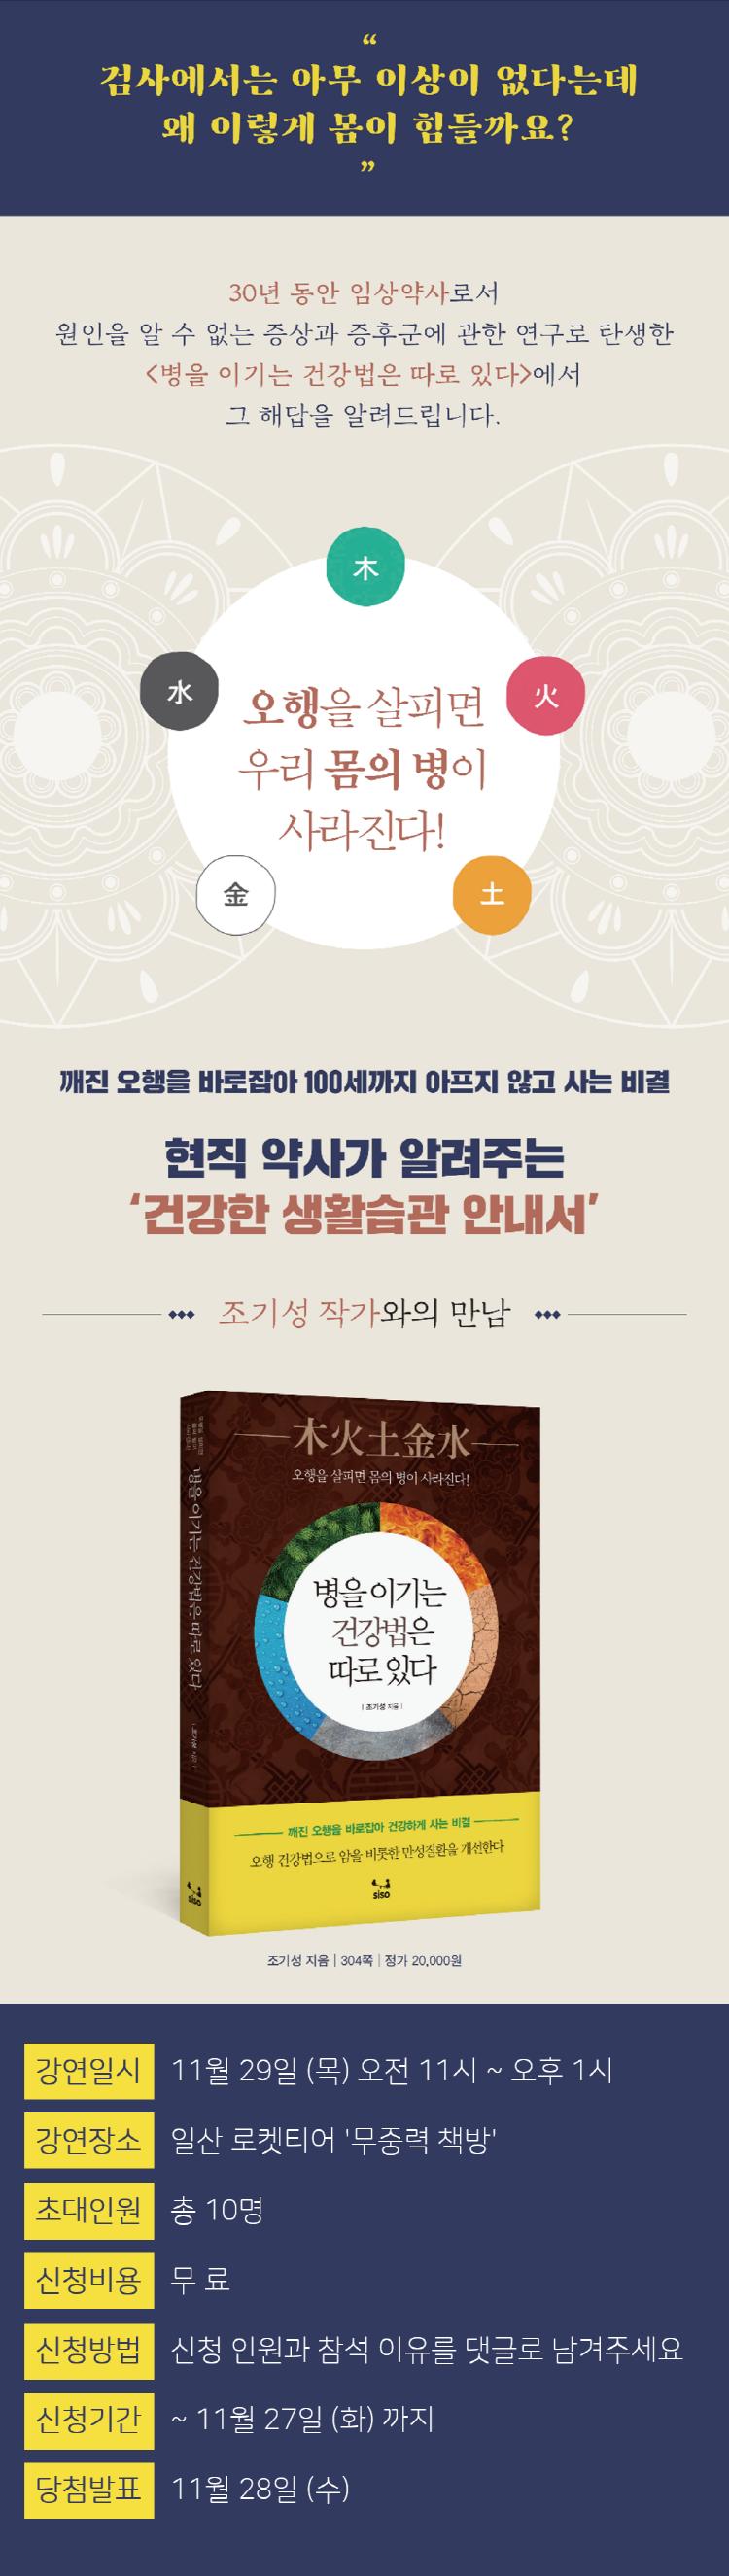 750_강연페이지.png